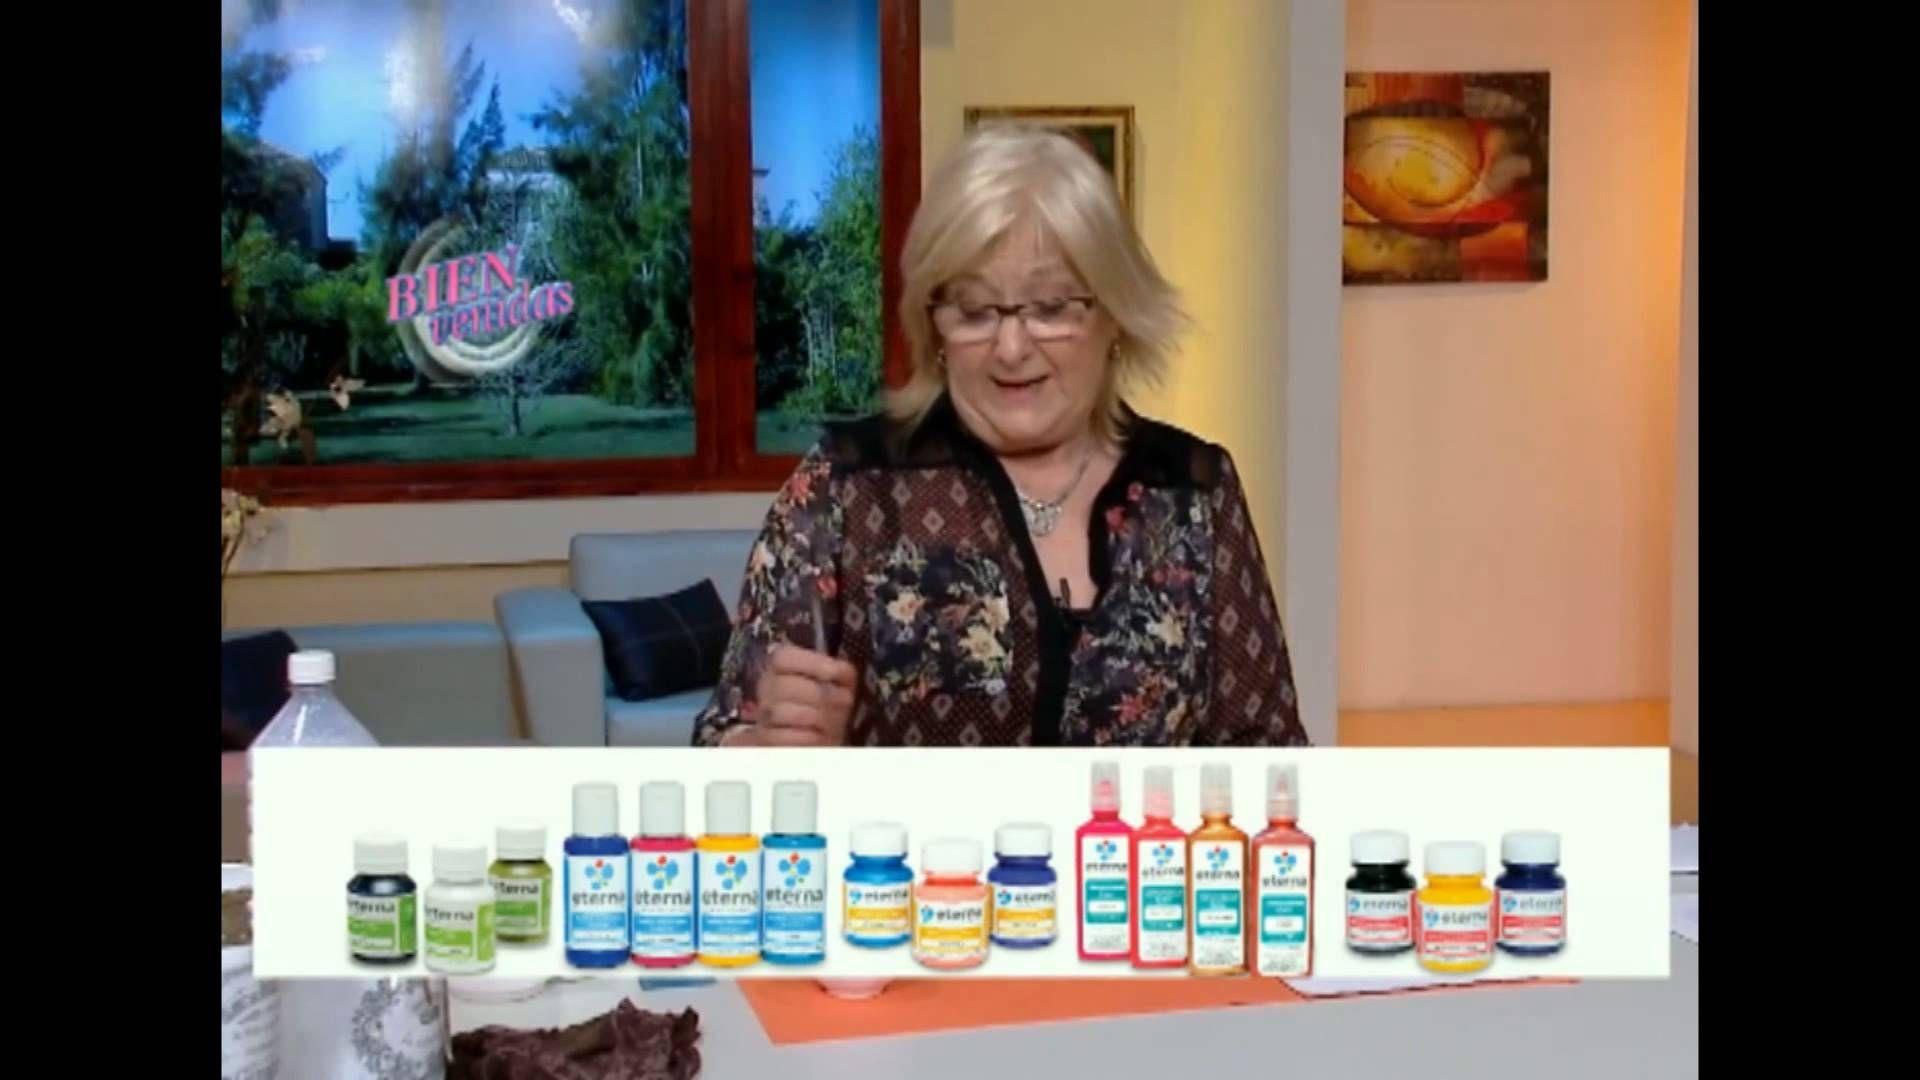 Transferencia sobre frascos | Mónica Godfroit en Bienvenidas Tv